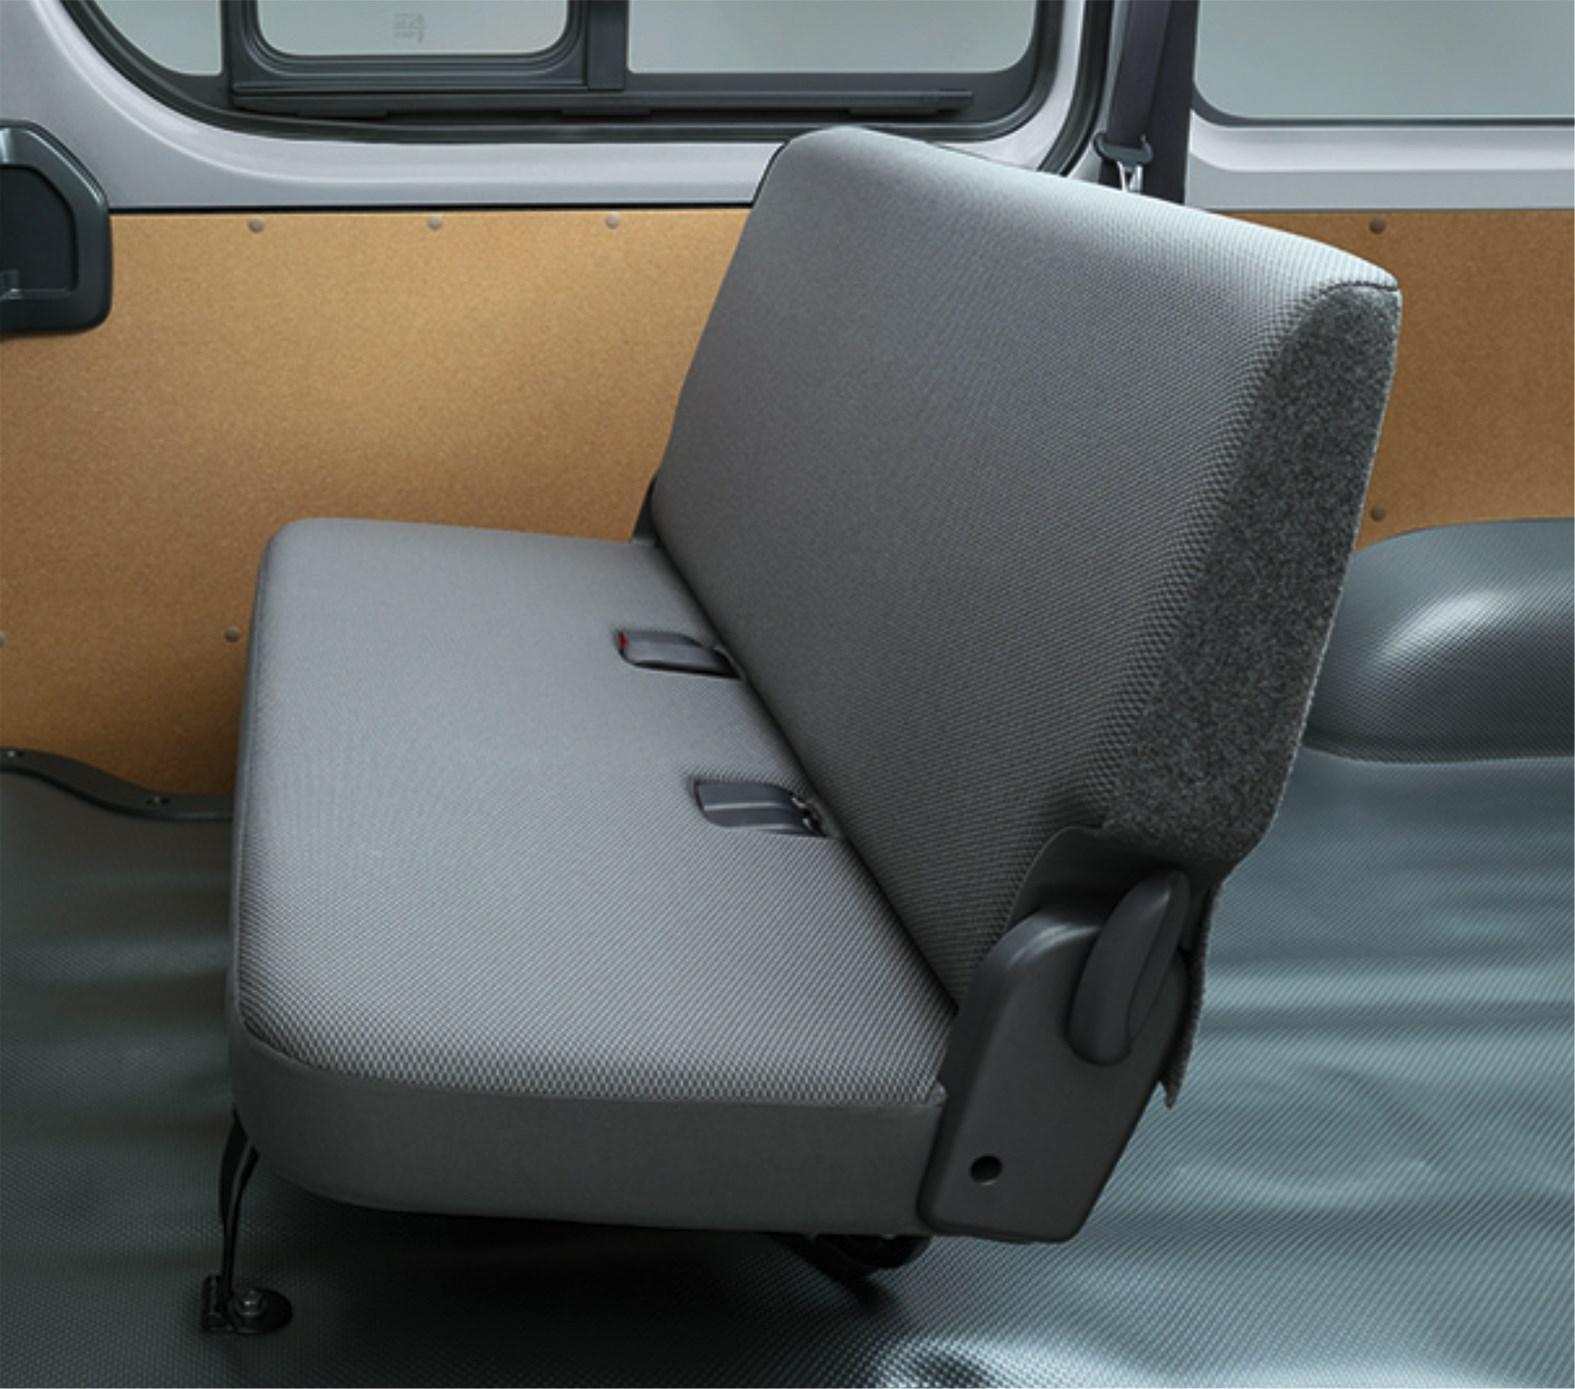 マツダ ボンゴブローニイバンを発売 トヨタからOEM供給を受けるハイエースの兄弟車